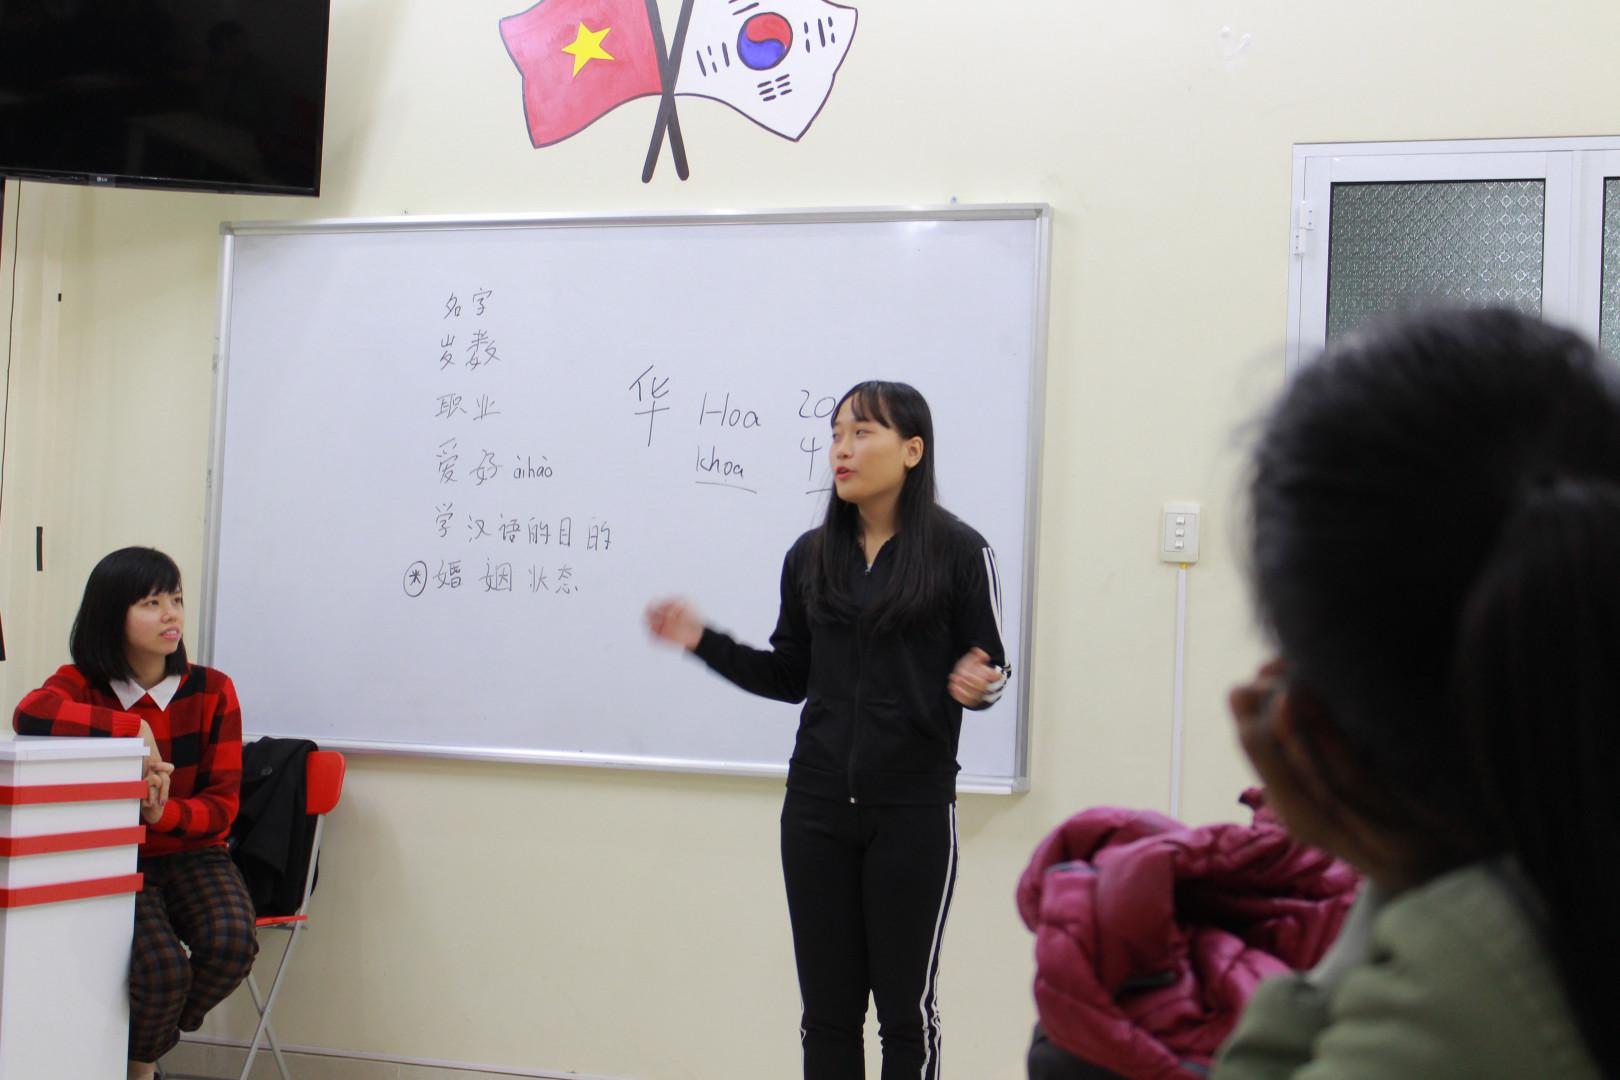 Trung tâm đào tạo tiếng trung uy tín tại Quảng Ninh